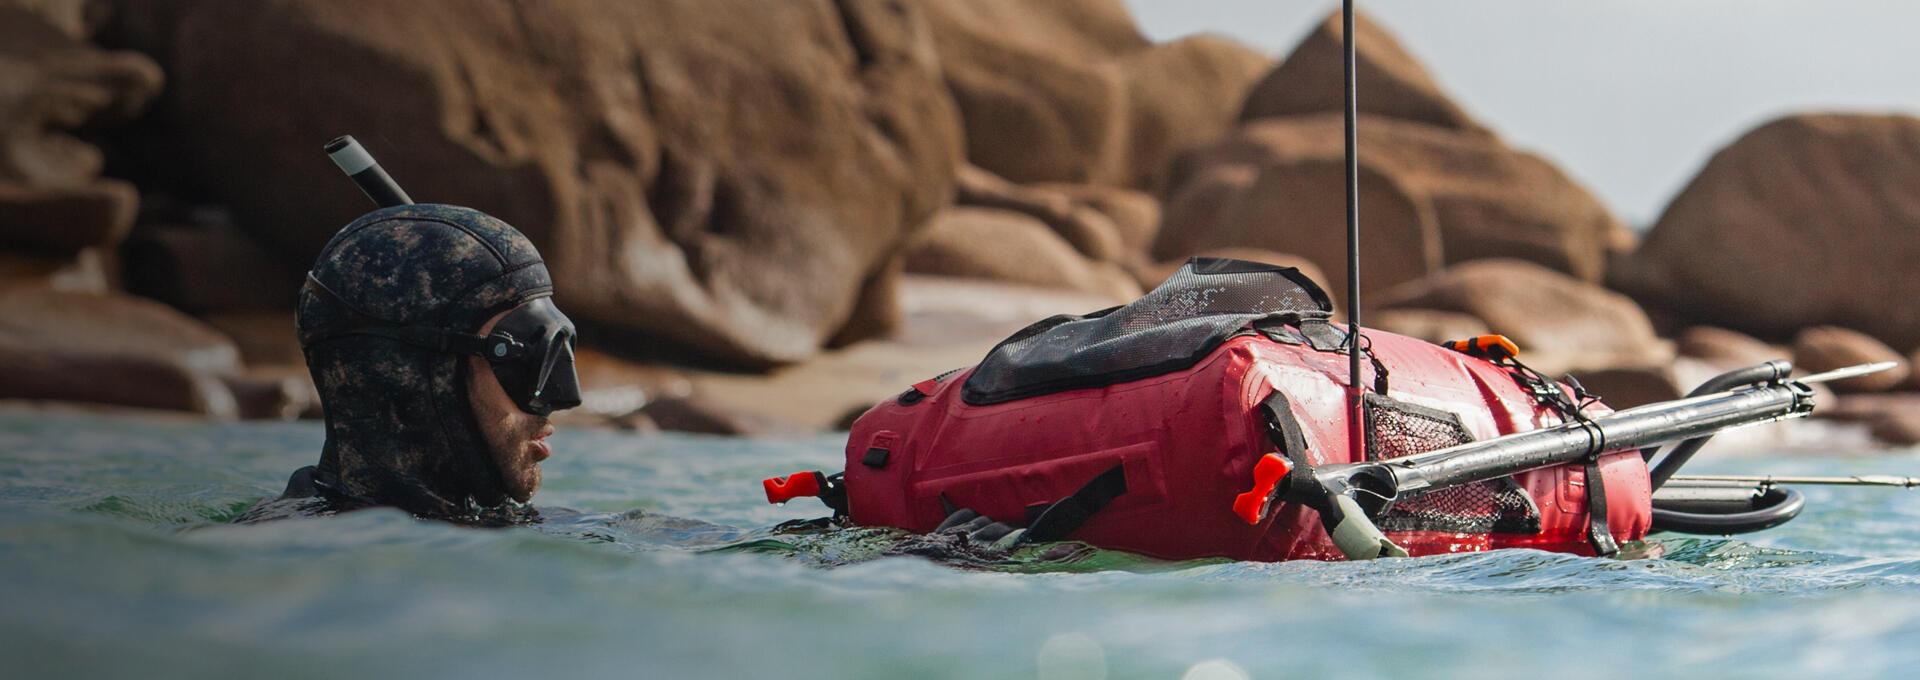 sac étanche chasse sous-marine